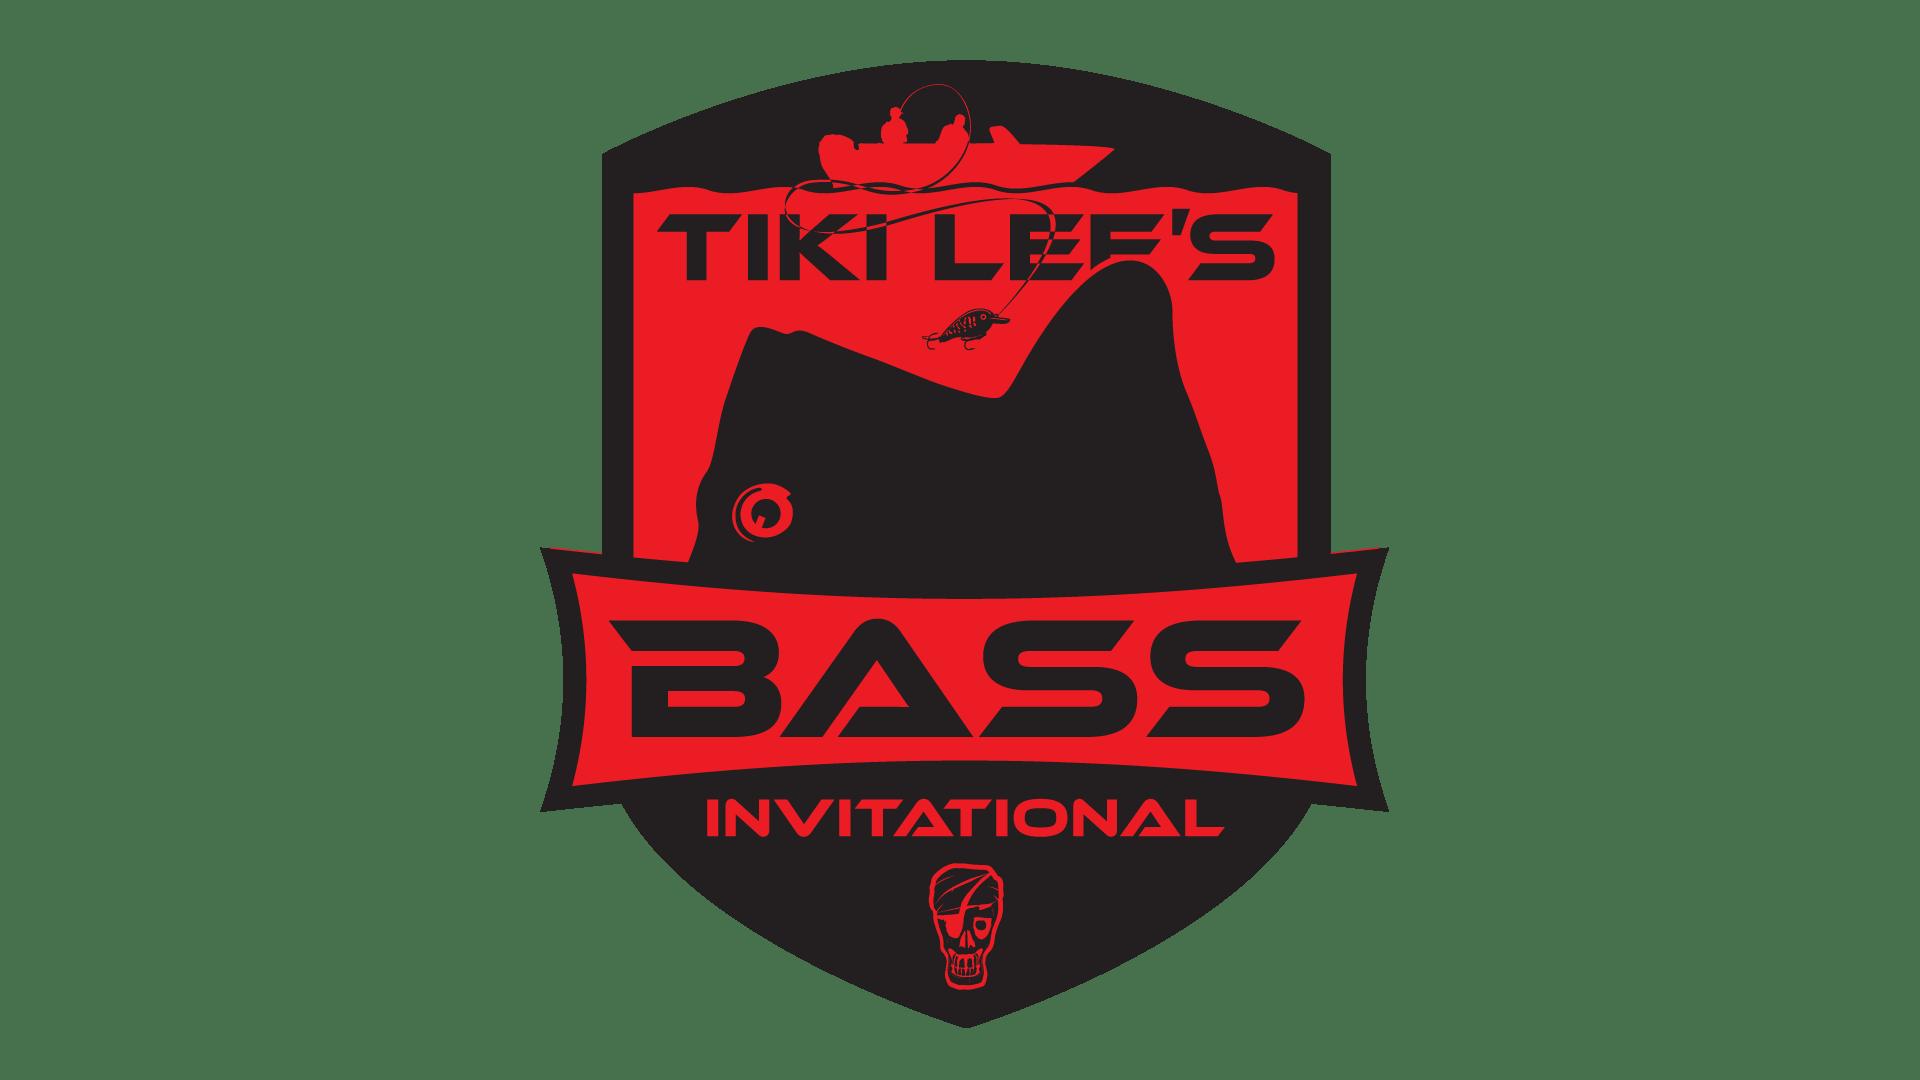 Tiki Lee's Bass Tournament Logo